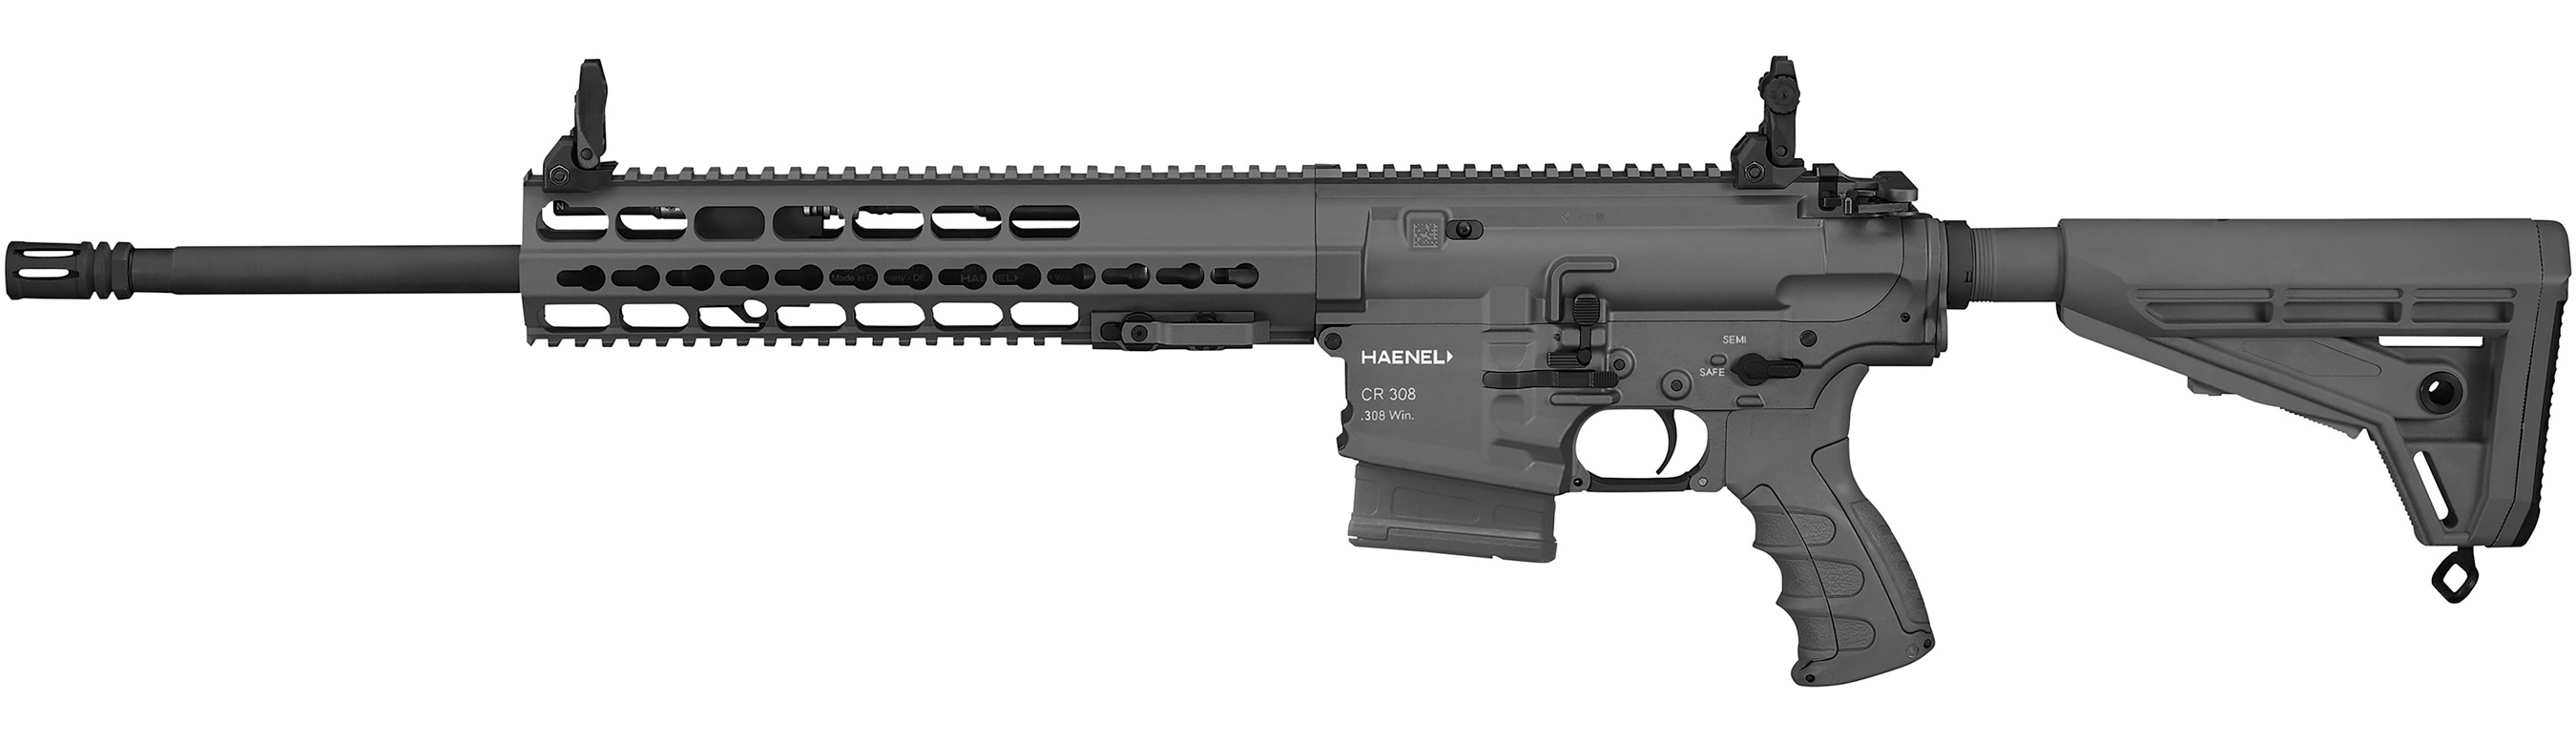 Haenel CR308 Selbstladebüchse